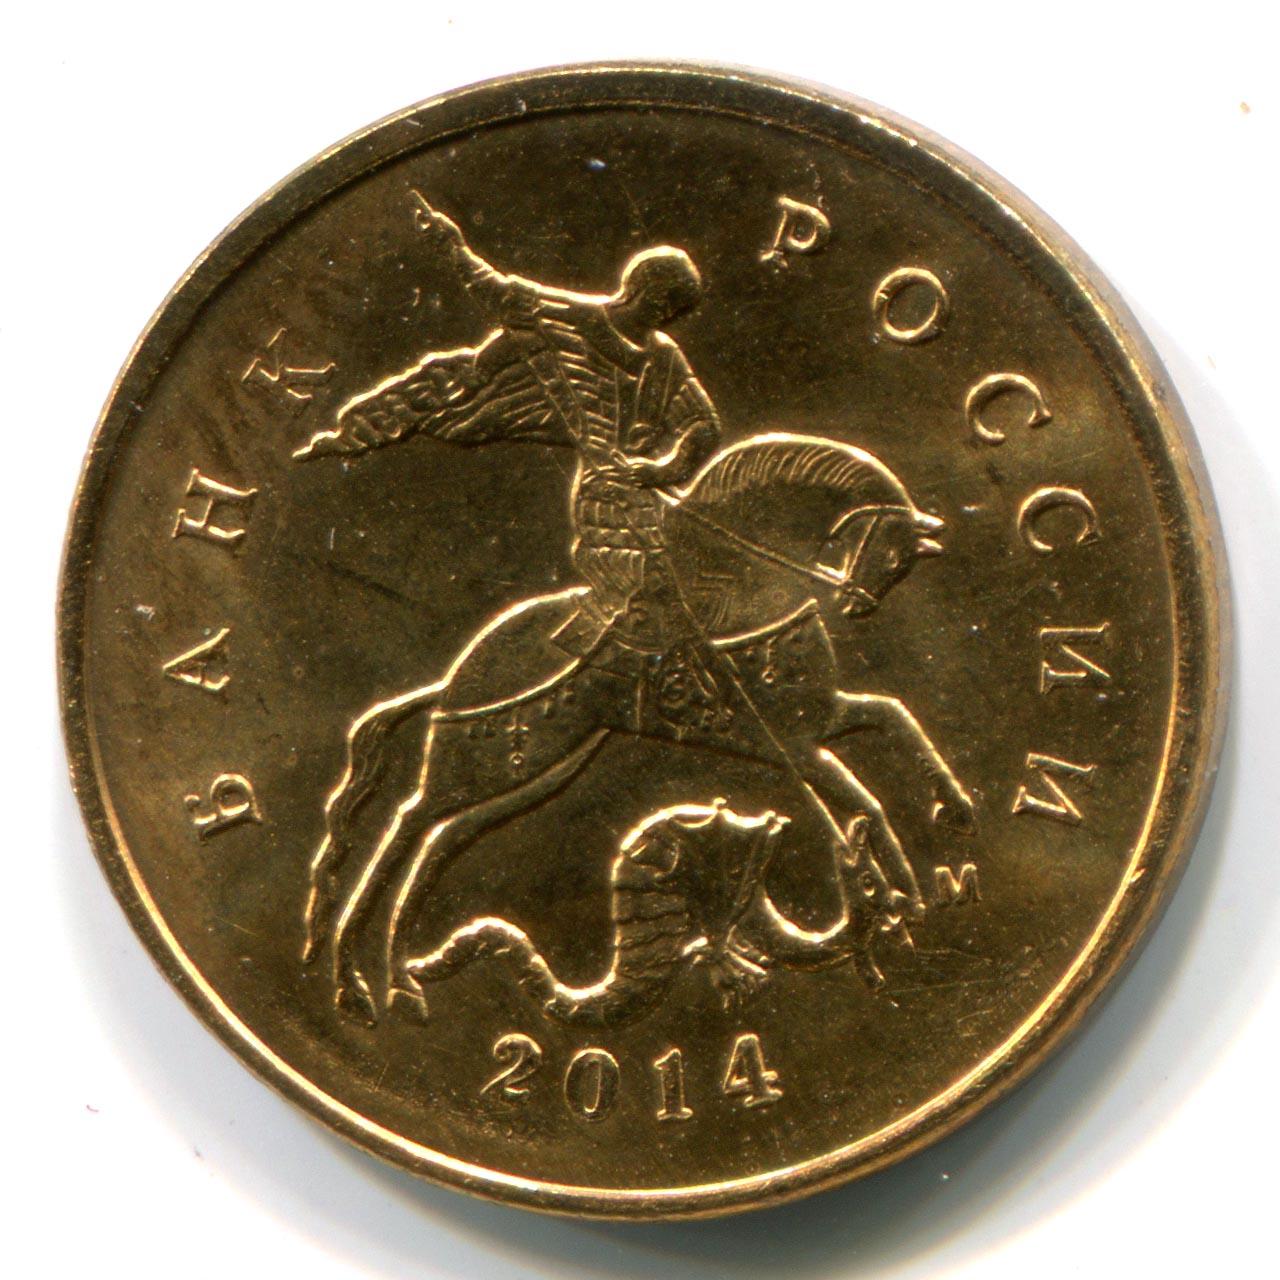 Монета в 10 копеек 2014 года года была